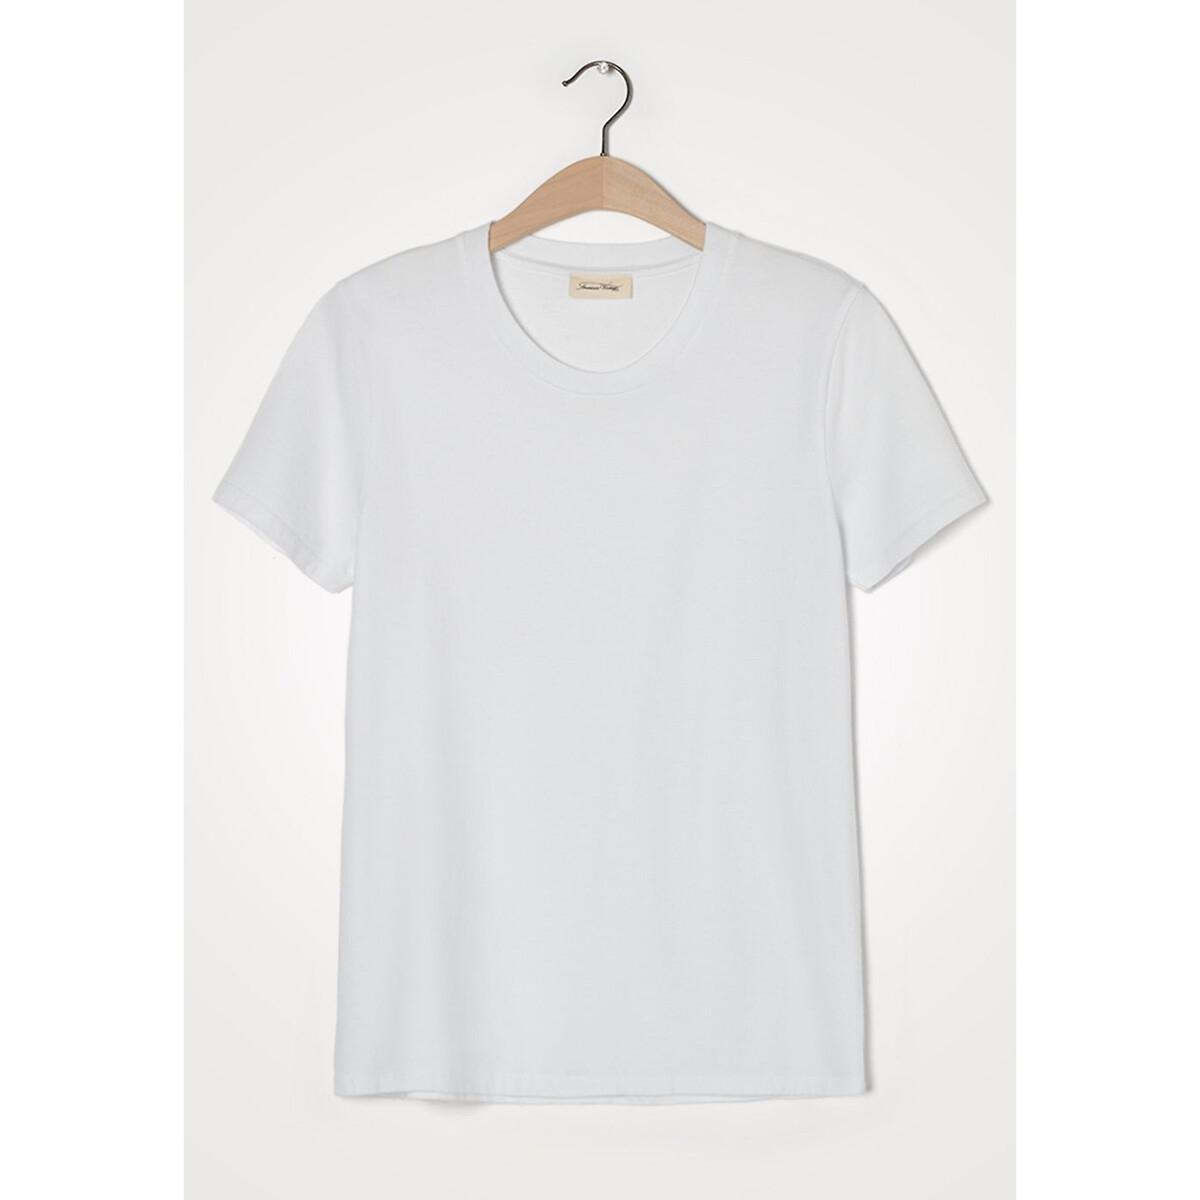 Футболка La Redoute С круглым вырезом и короткими рукавами FIZVALLEY S каштановый футболка la redoute с круглым вырезом и короткими рукавами tova loup s серый